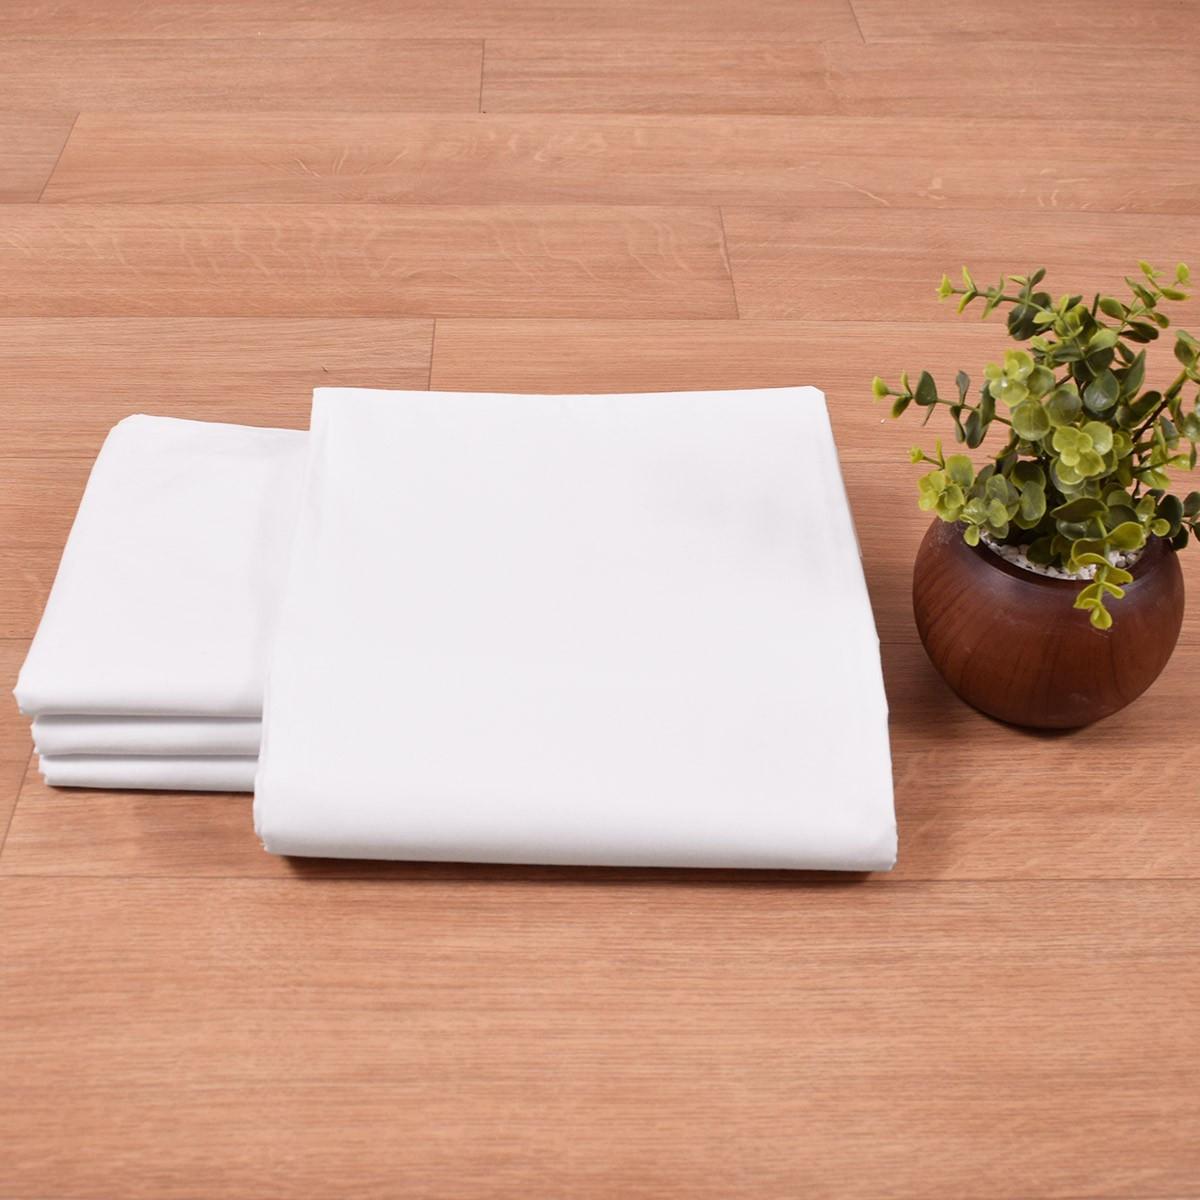 Παπλωματοθήκη (165x225) 70%Βαμβάκι 30%Polyester T200 home   επαγγελματικός εξοπλισμός   ξενοδοχειακός εξοπλισμός   παπλώματα   παπλωμ